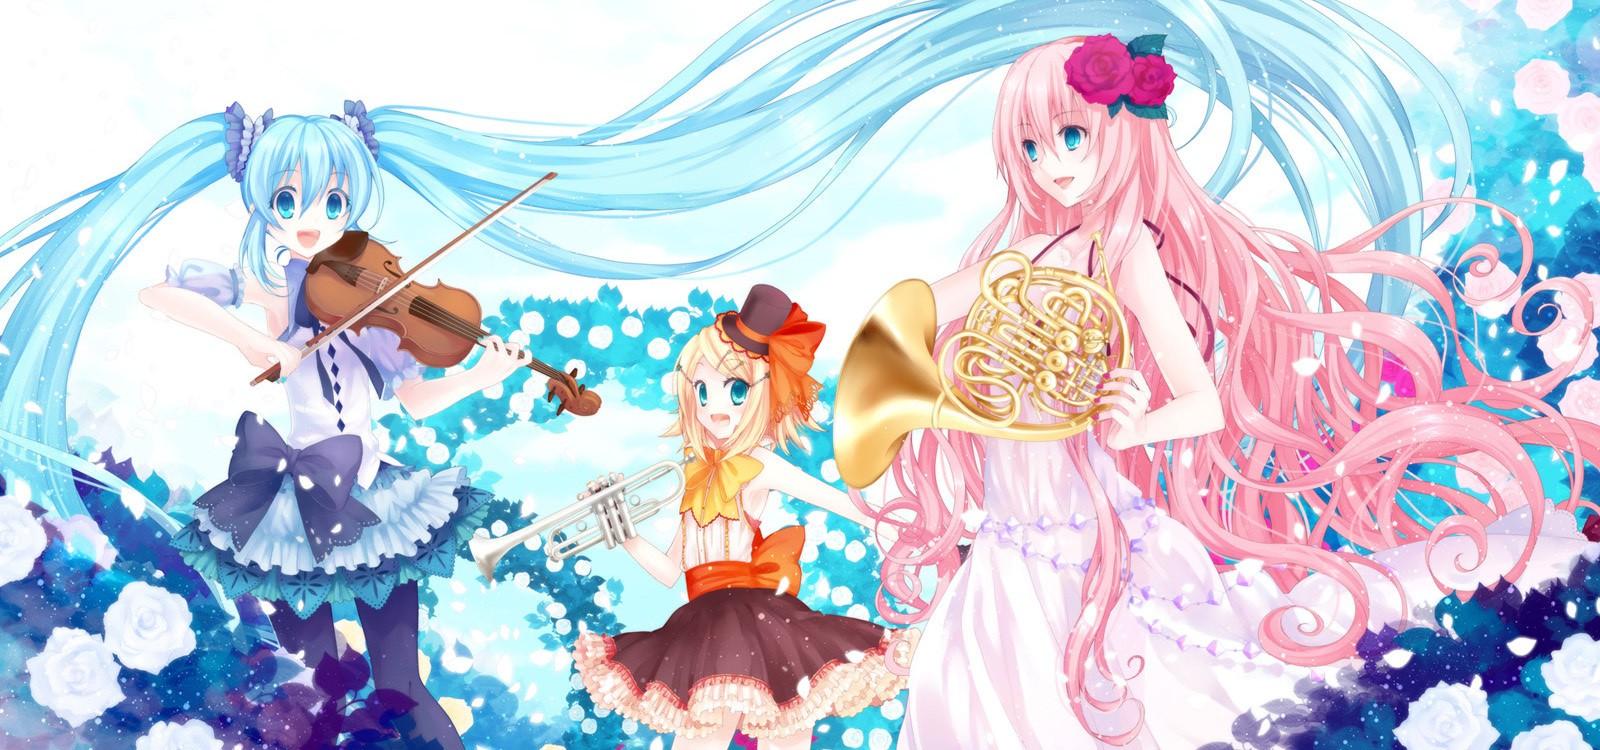 Vocaloid Wallpaper Anime Kawaii 74352 Hd Wallpaper Backgrounds Download